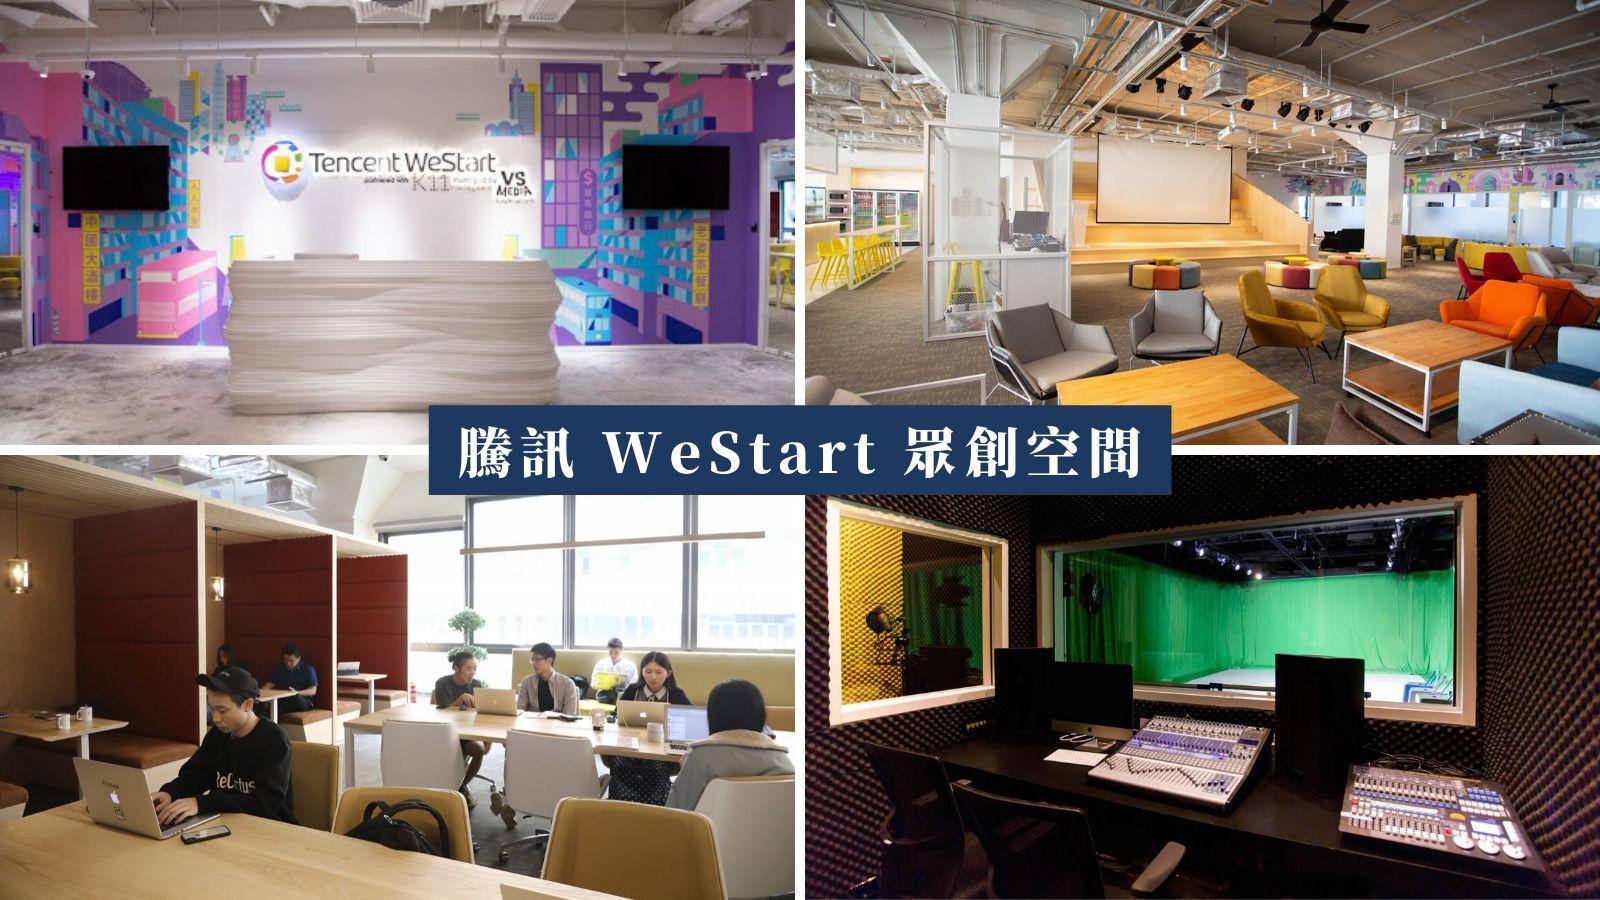 騰訊 WeStart 眾創空間